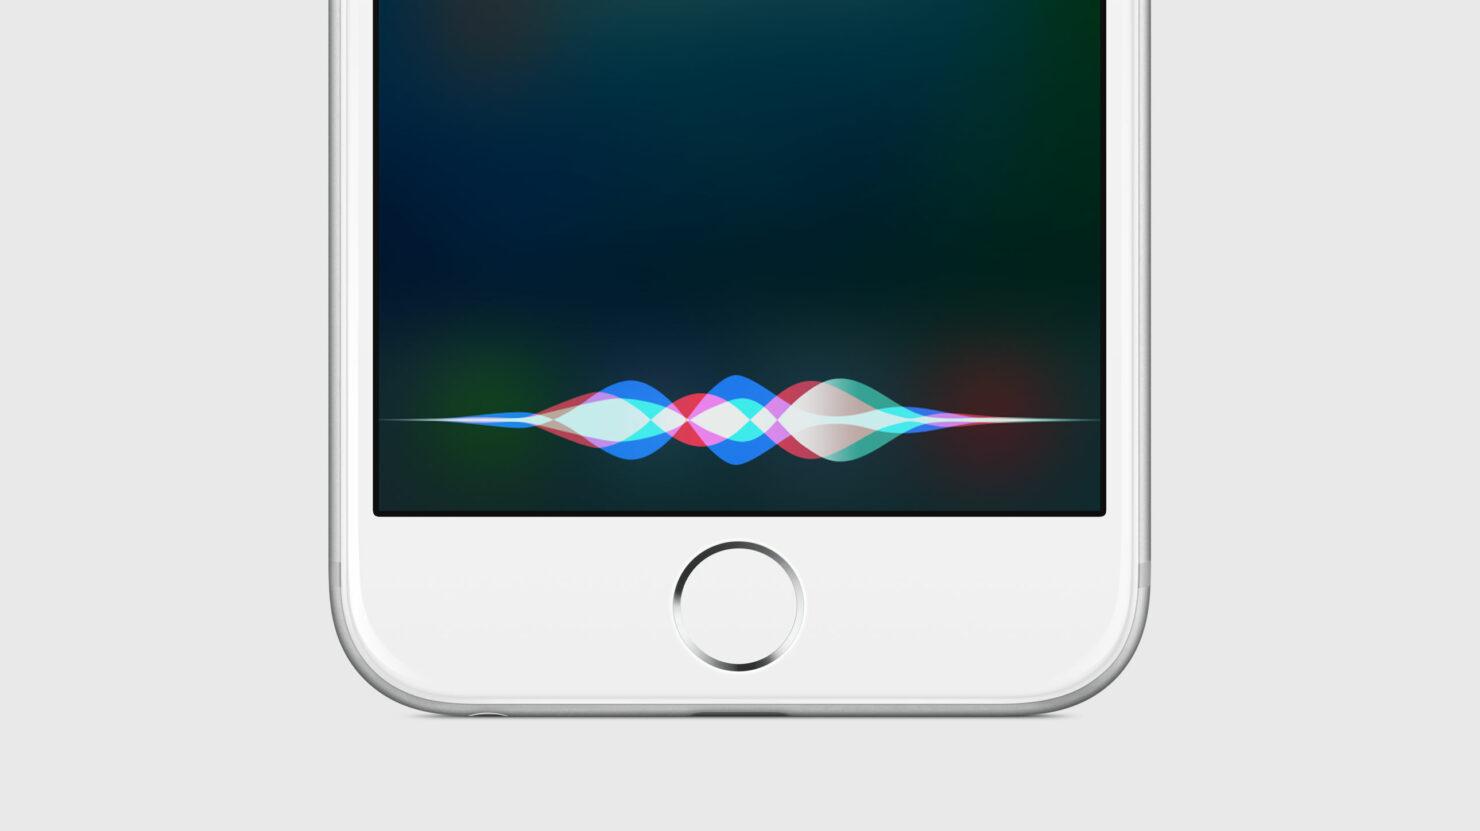 Siri new languages